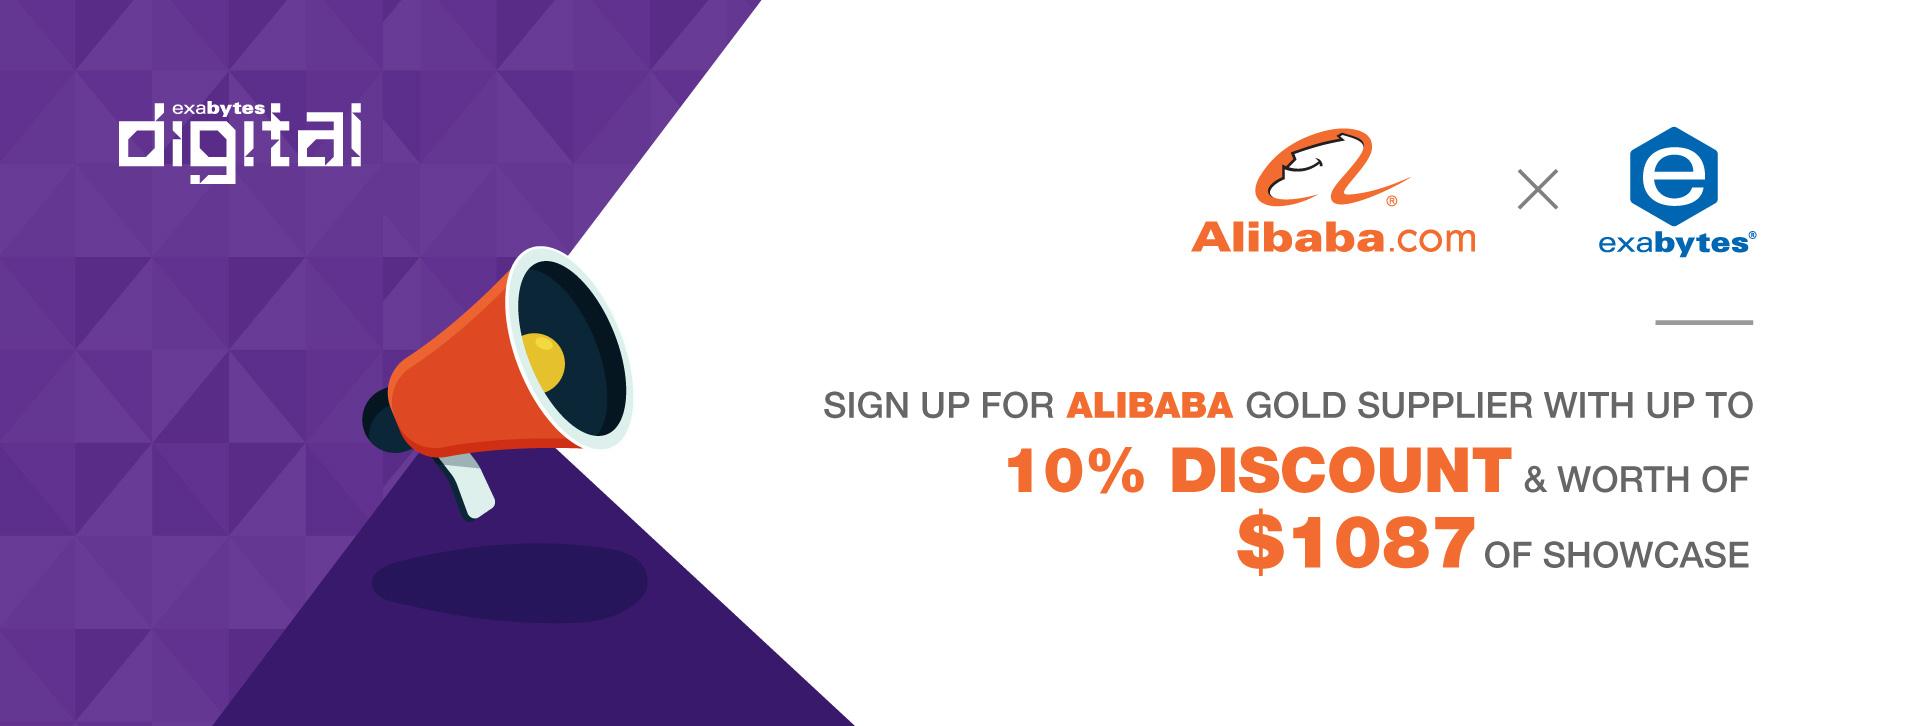 Alibaba Promotion